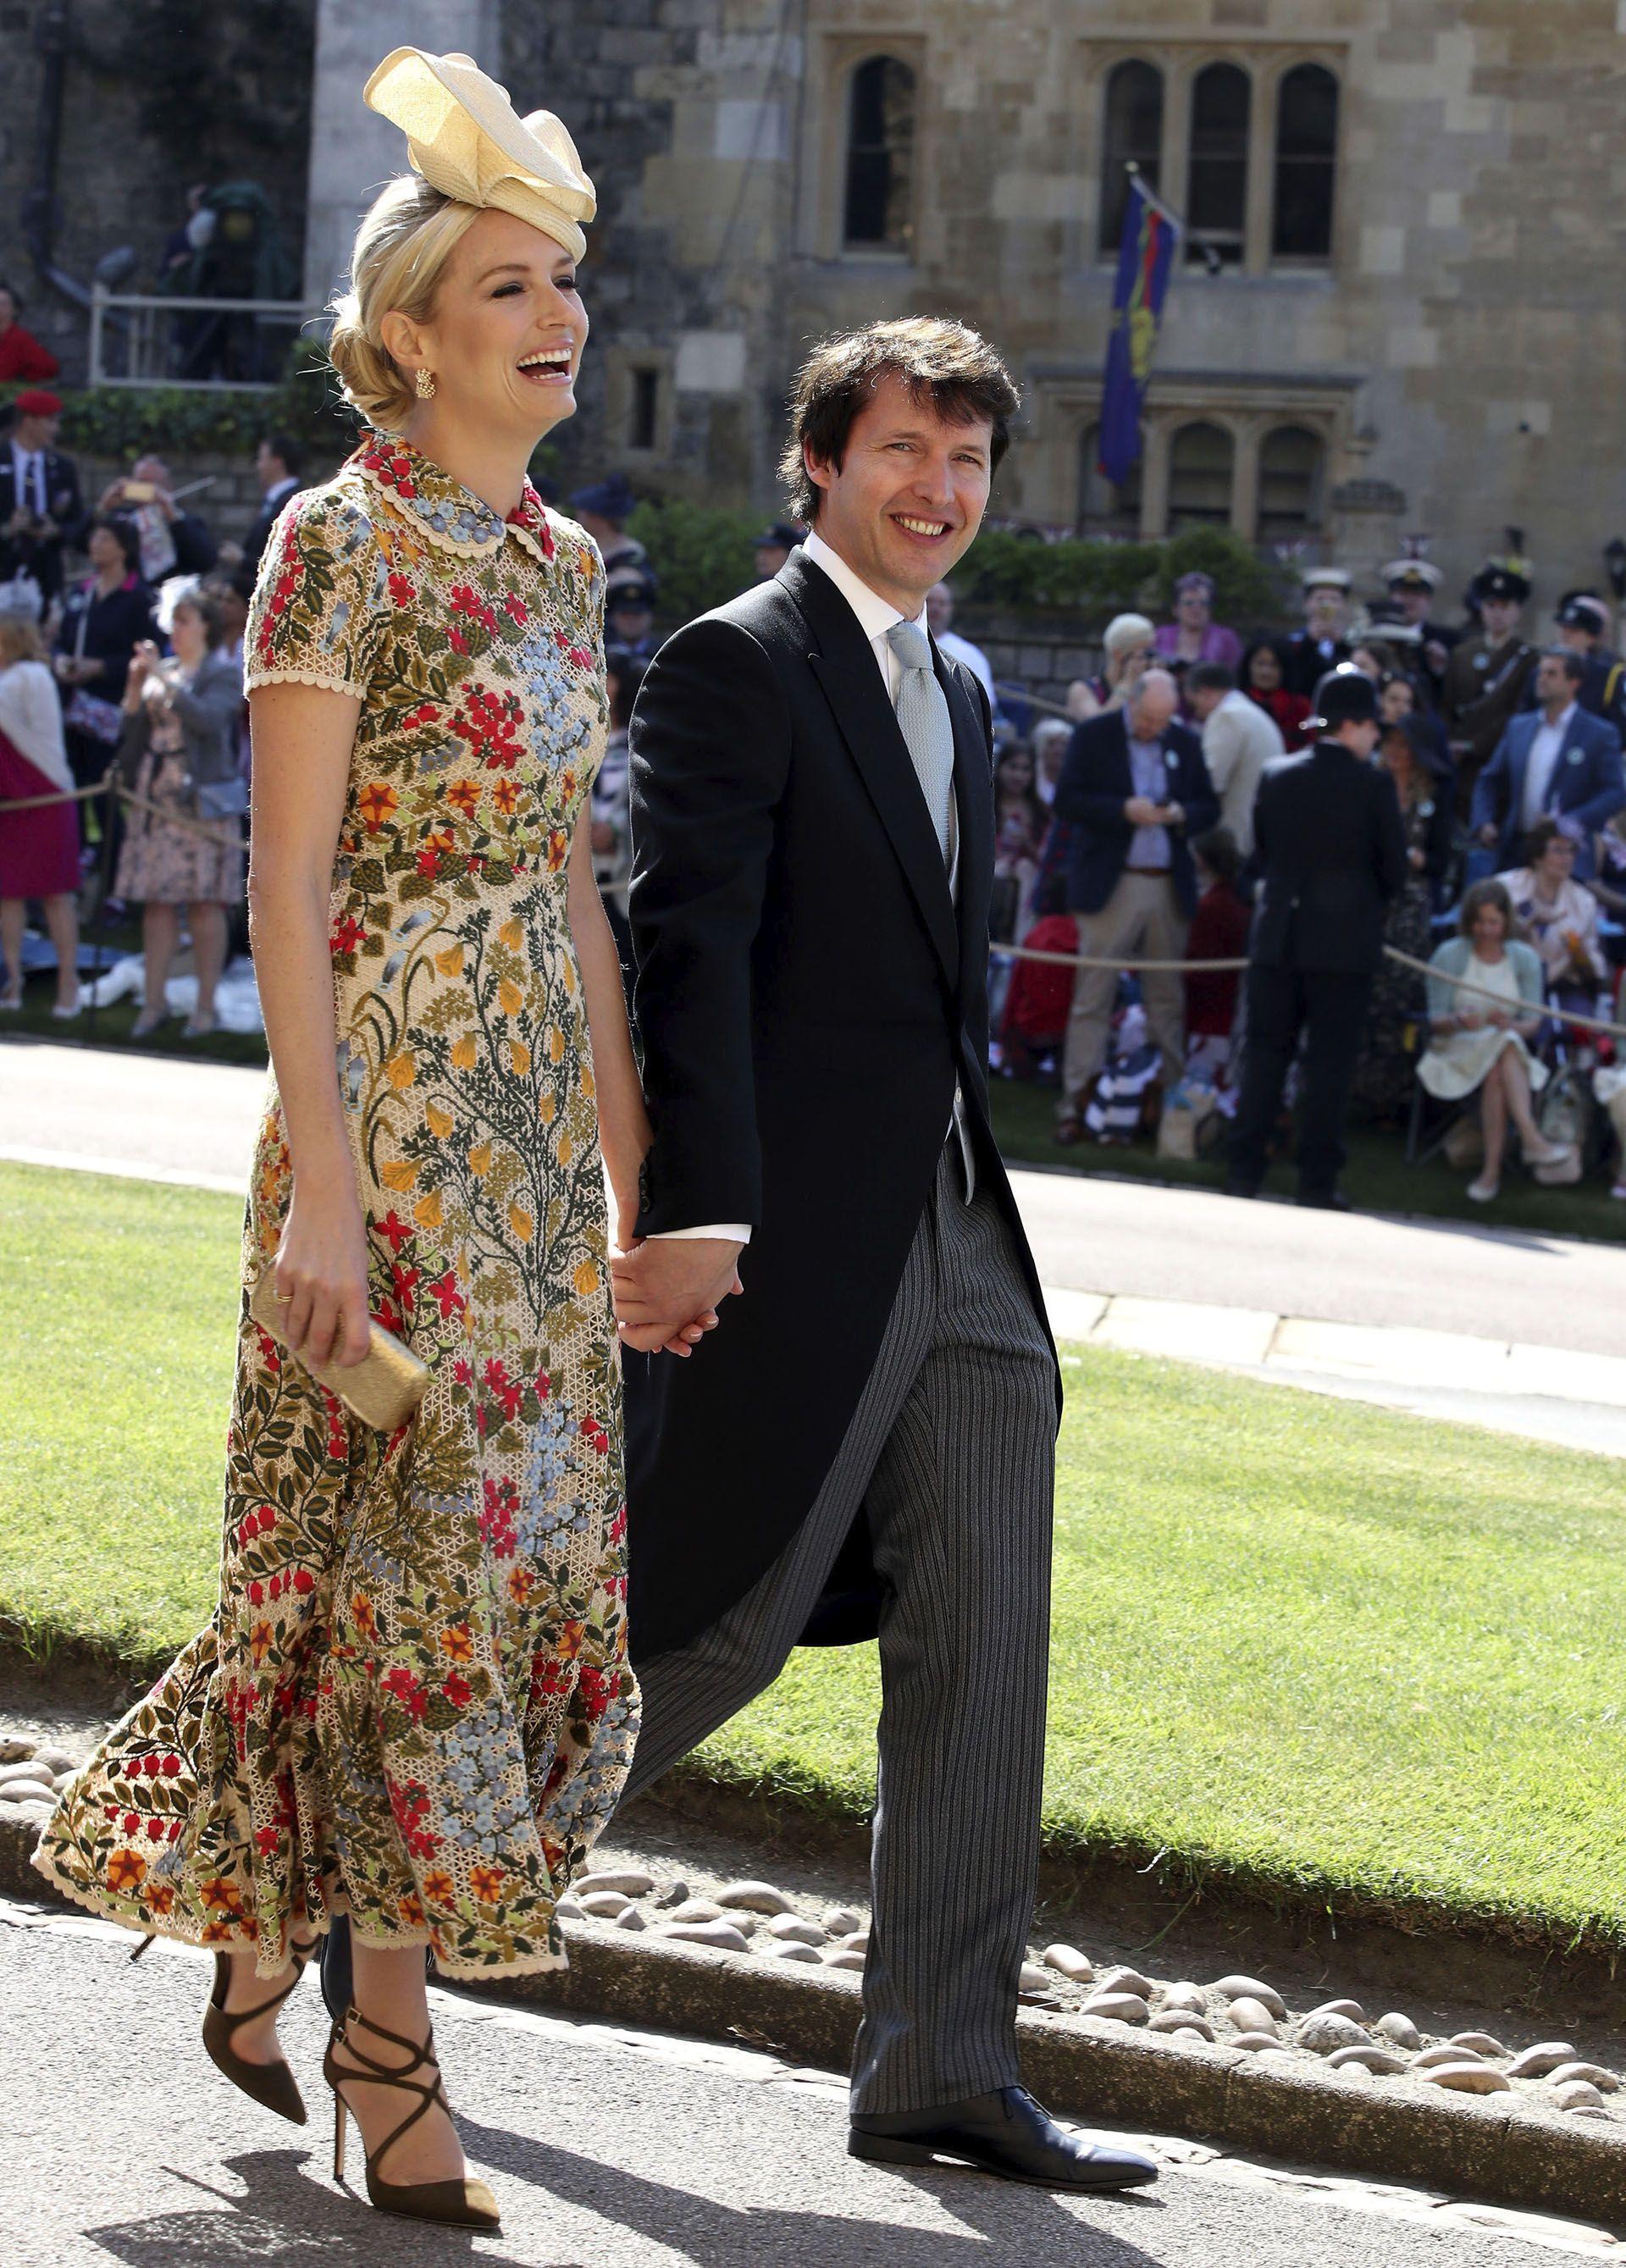 Vestido fiesta boda meghan markle